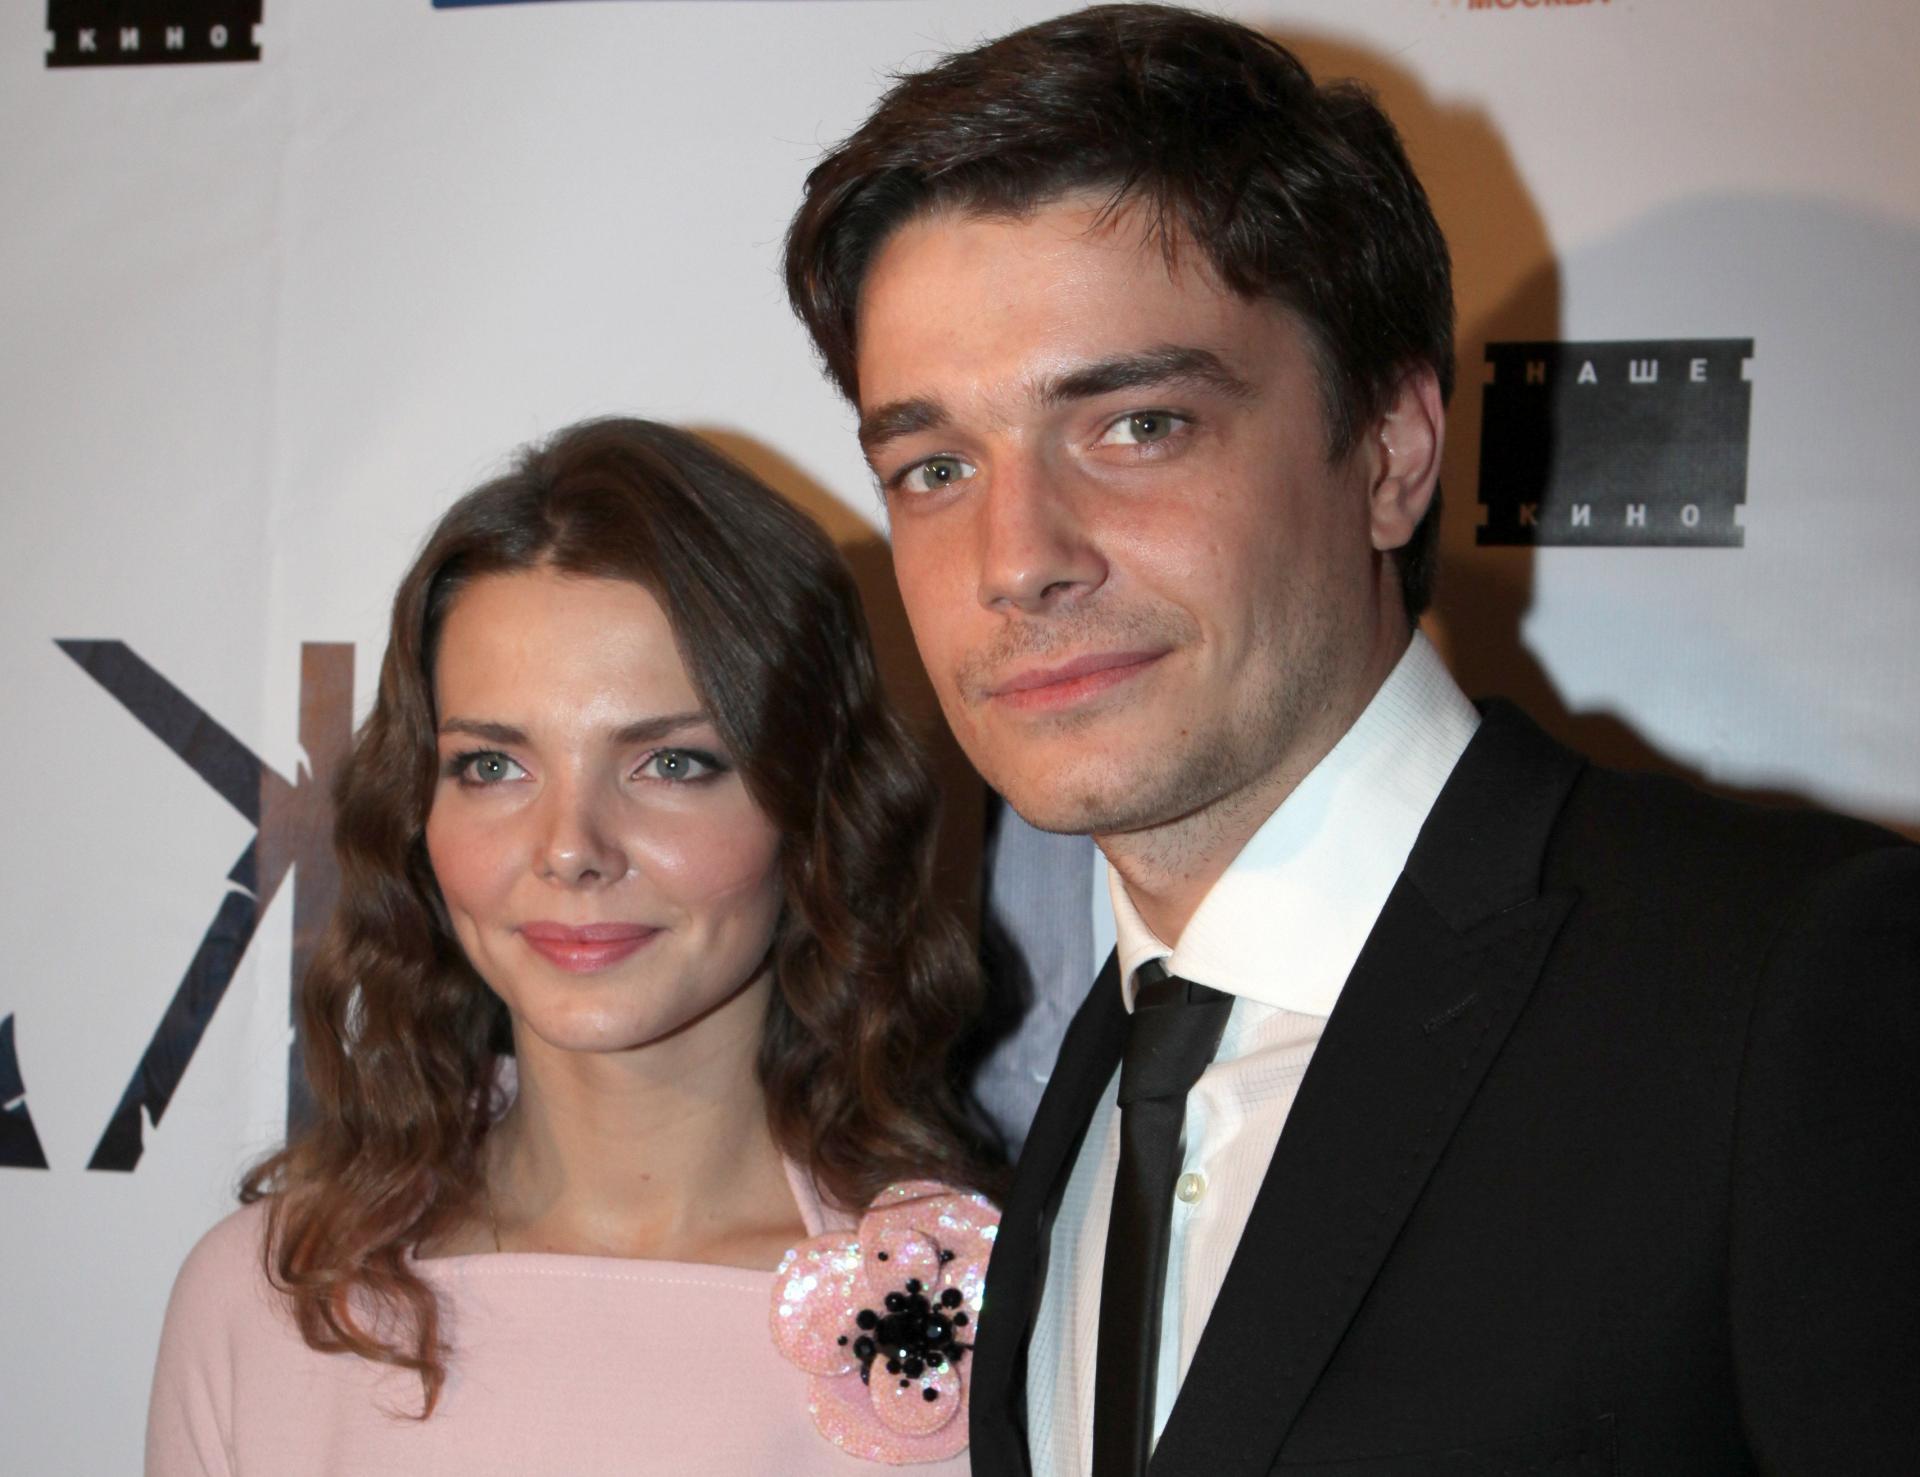 Елизавета Боярская и Максим Матвеев отдыхают в Лондоне